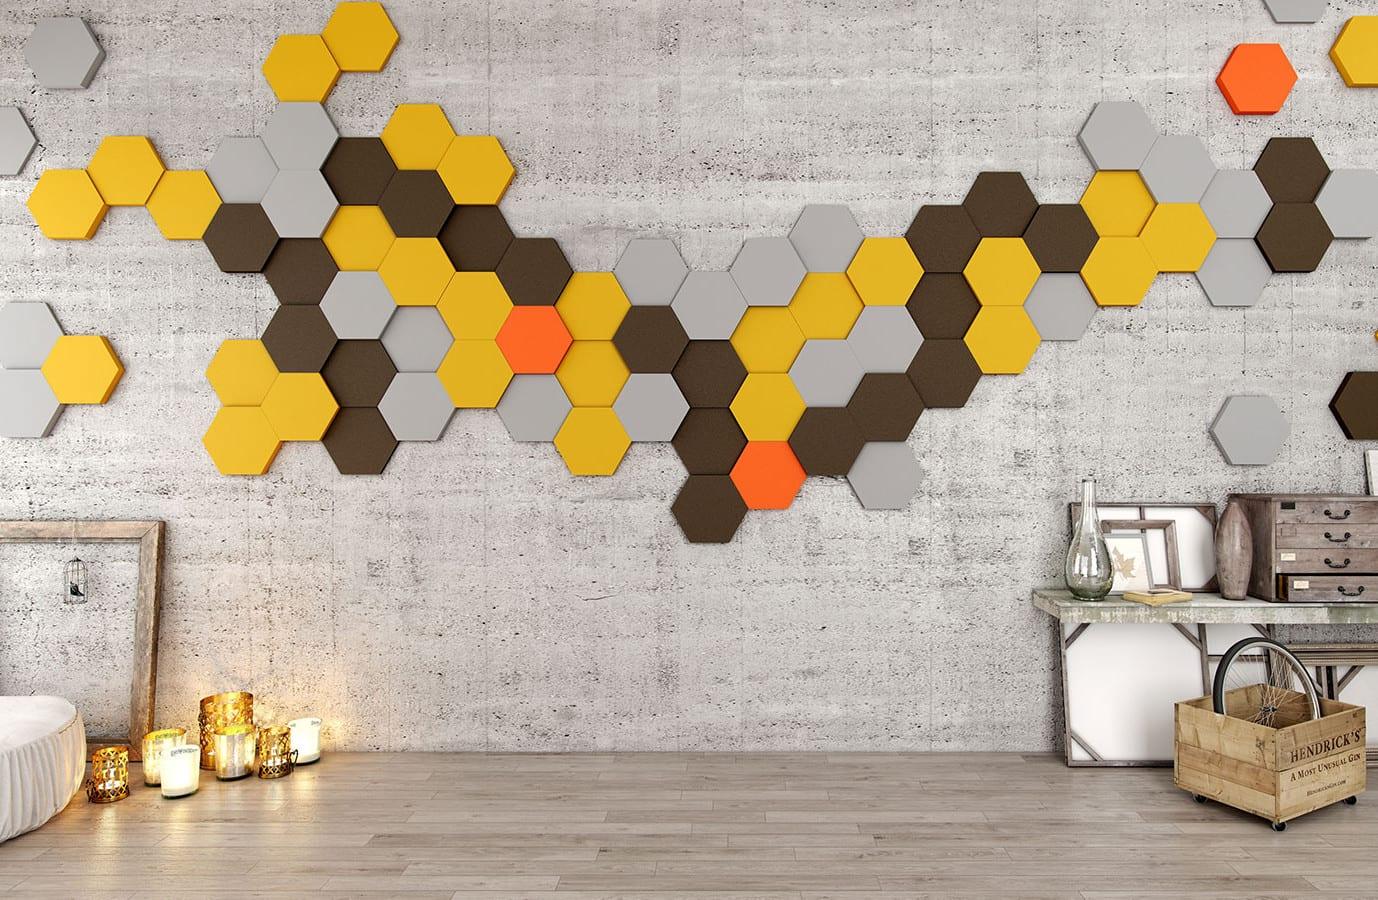 wandgestaltung ideen und kreative wohnideen f r farbgestaltung wohnzimmer mit 3d paneelen. Black Bedroom Furniture Sets. Home Design Ideas